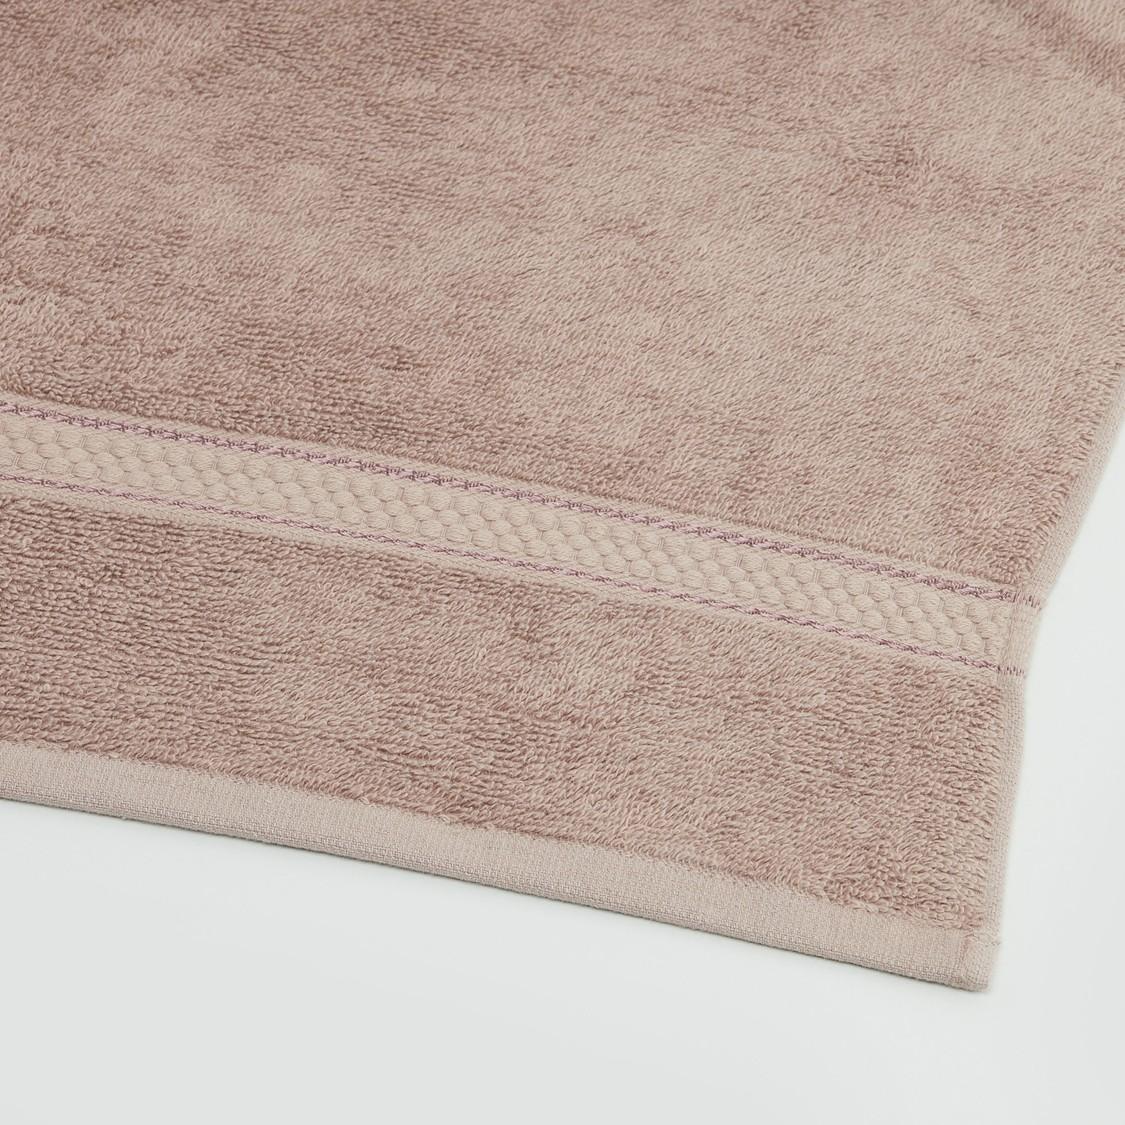 منشفة حمام كبيرة مستطيلة بارزة الملمس